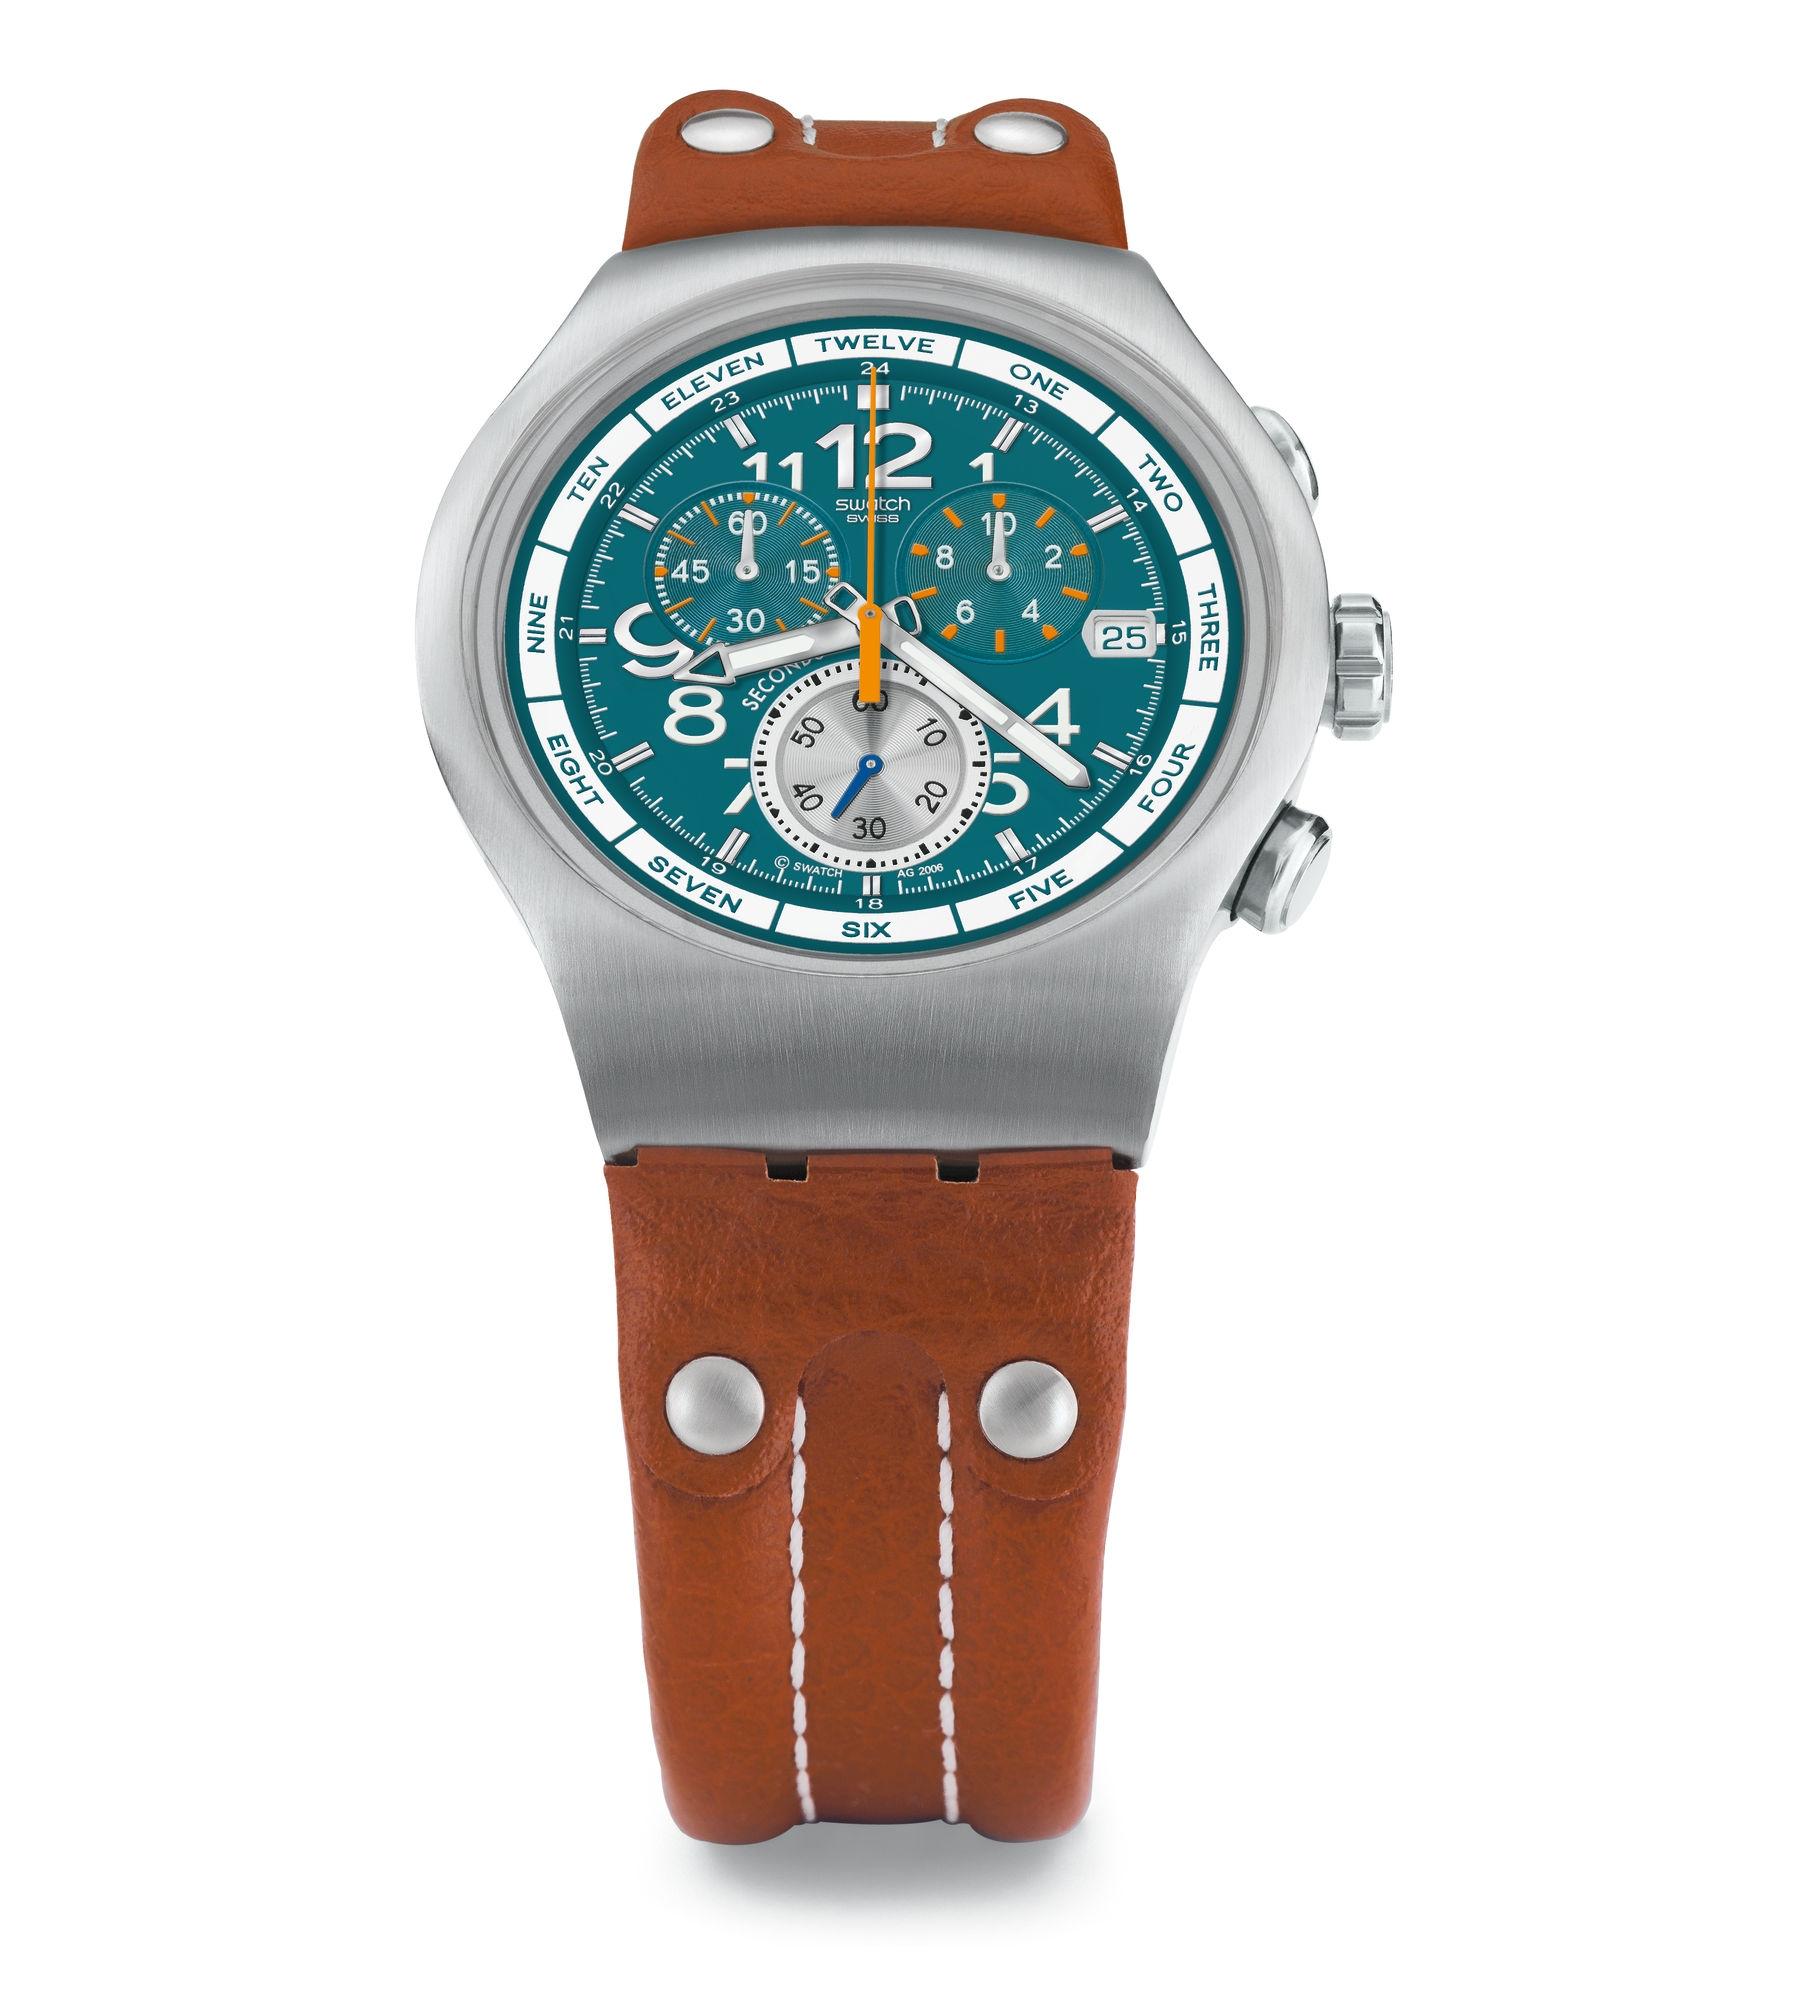 Наручные часы Swatch - купить в Москве в интернет